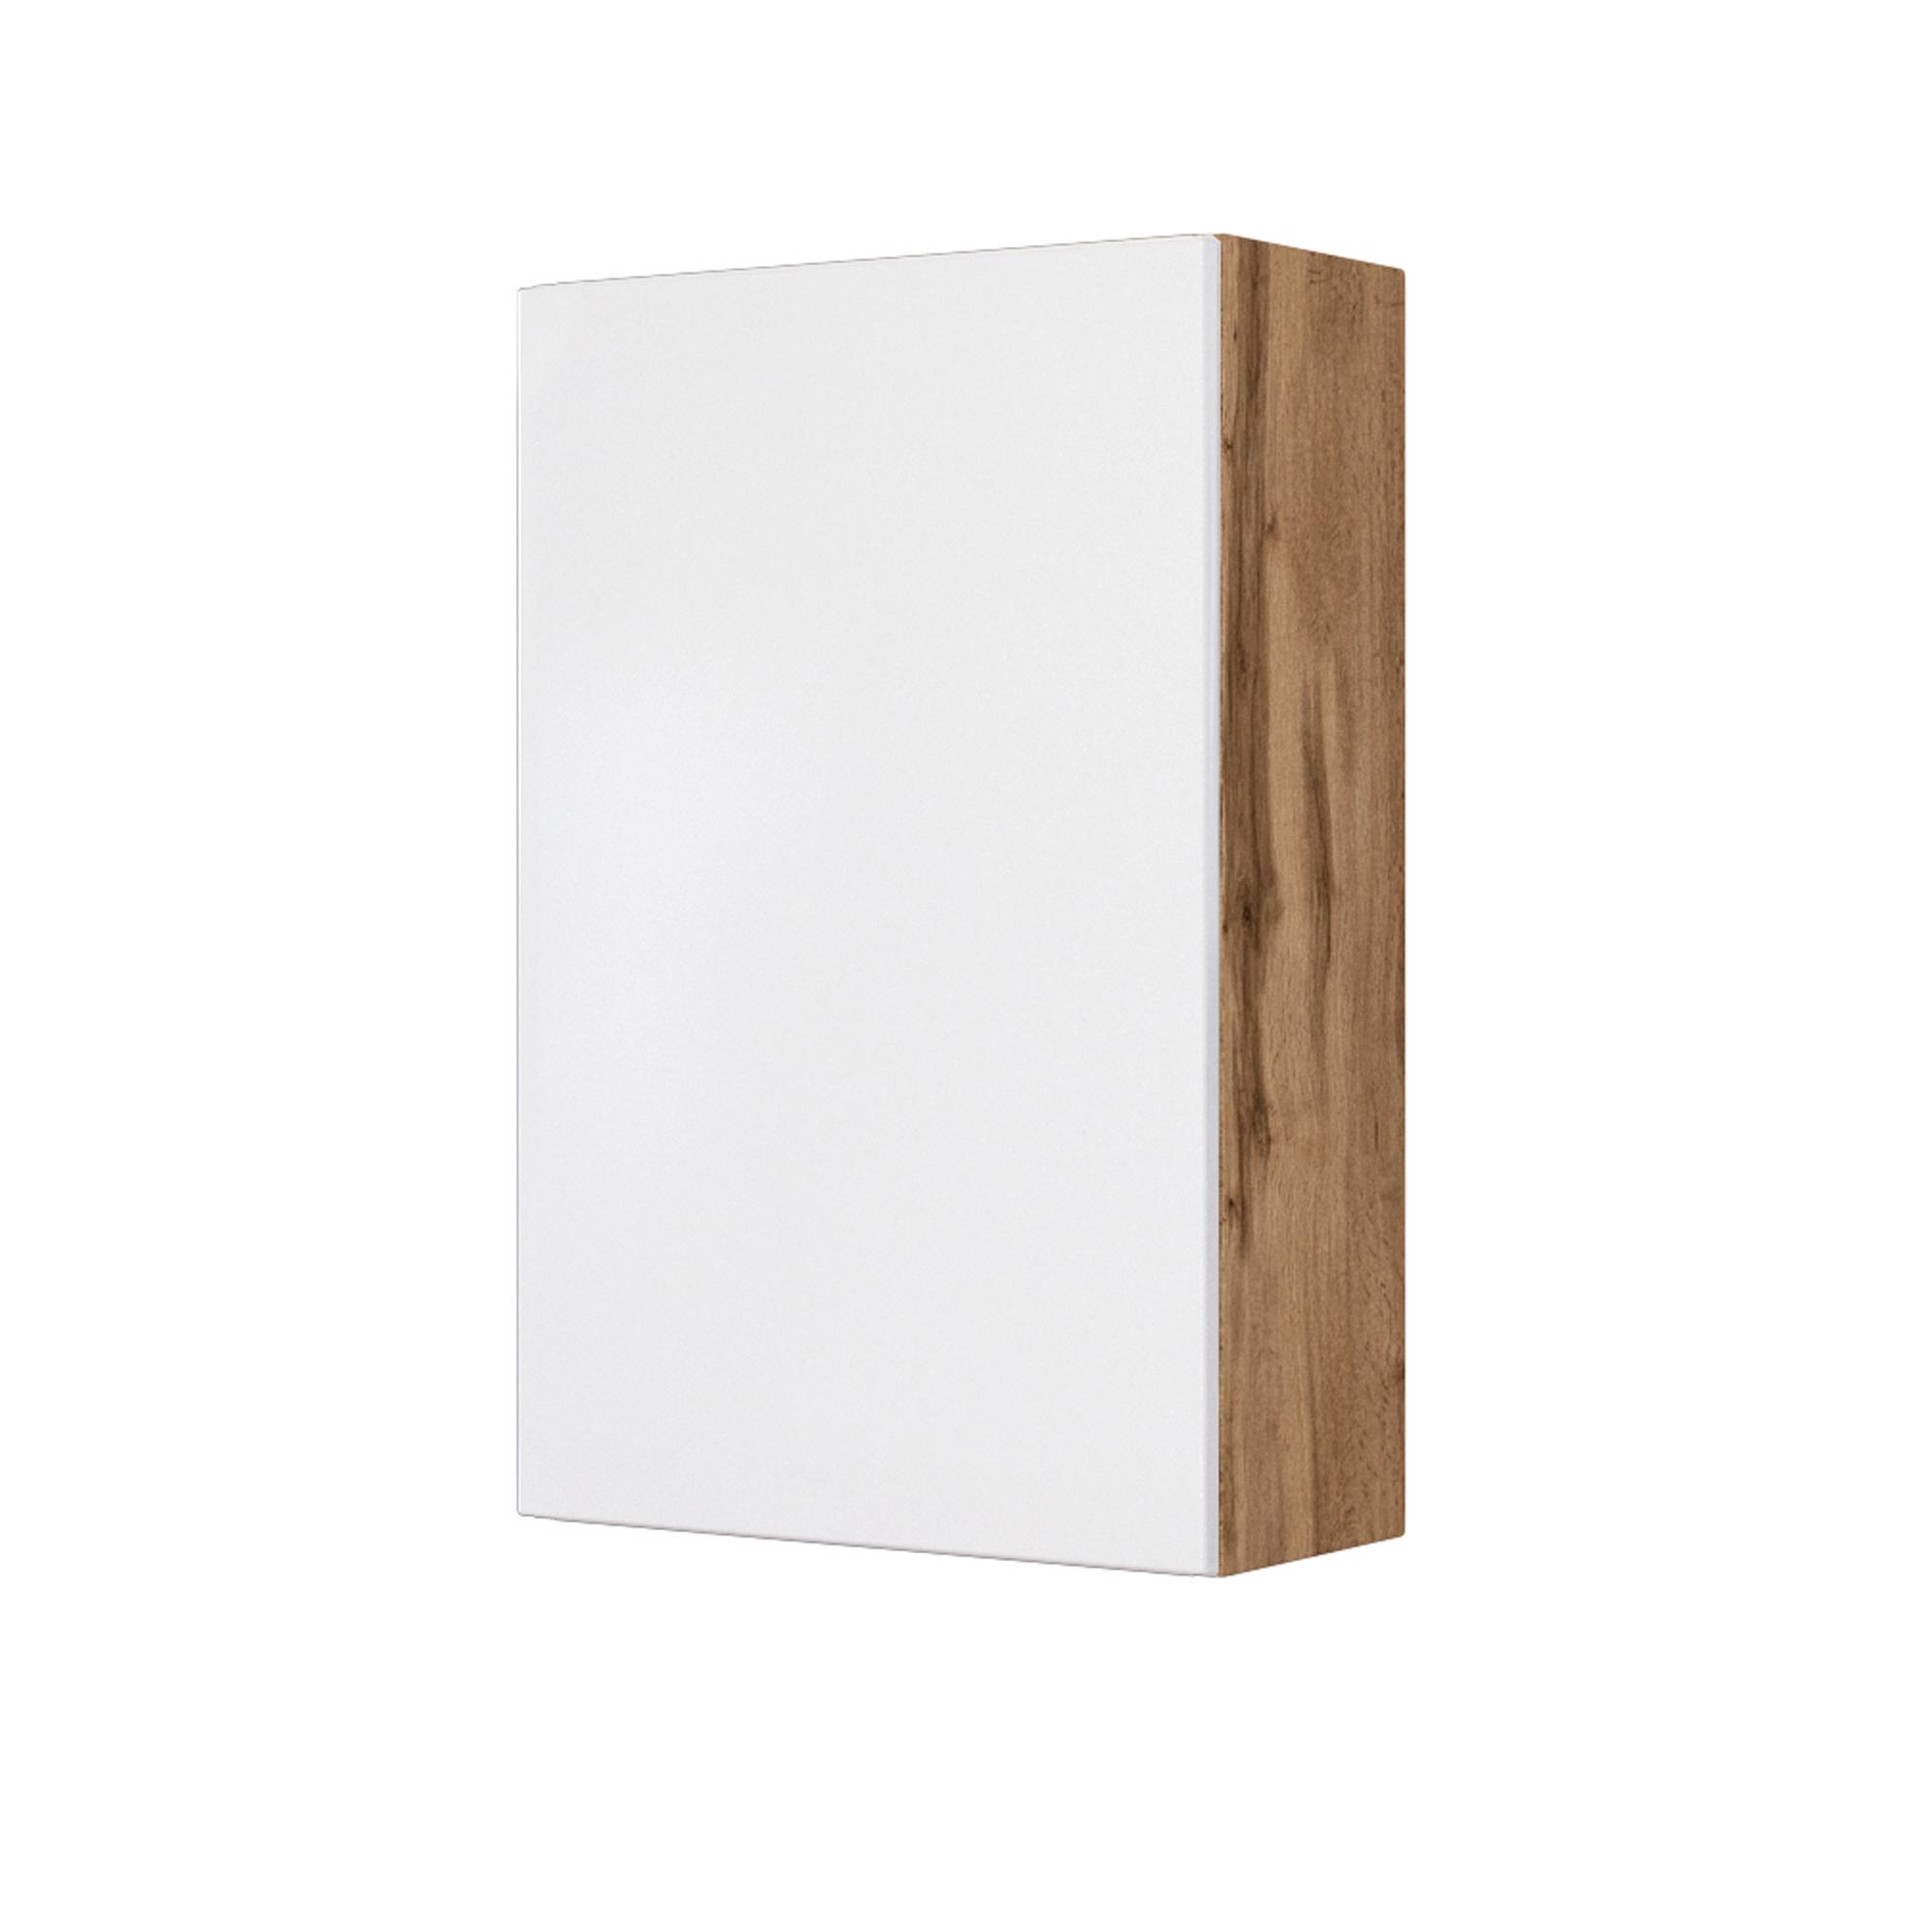 Bad Hängeschrank BORKUM   20 türig   20 cm breit   Weiß Matt / Wotan Eiche